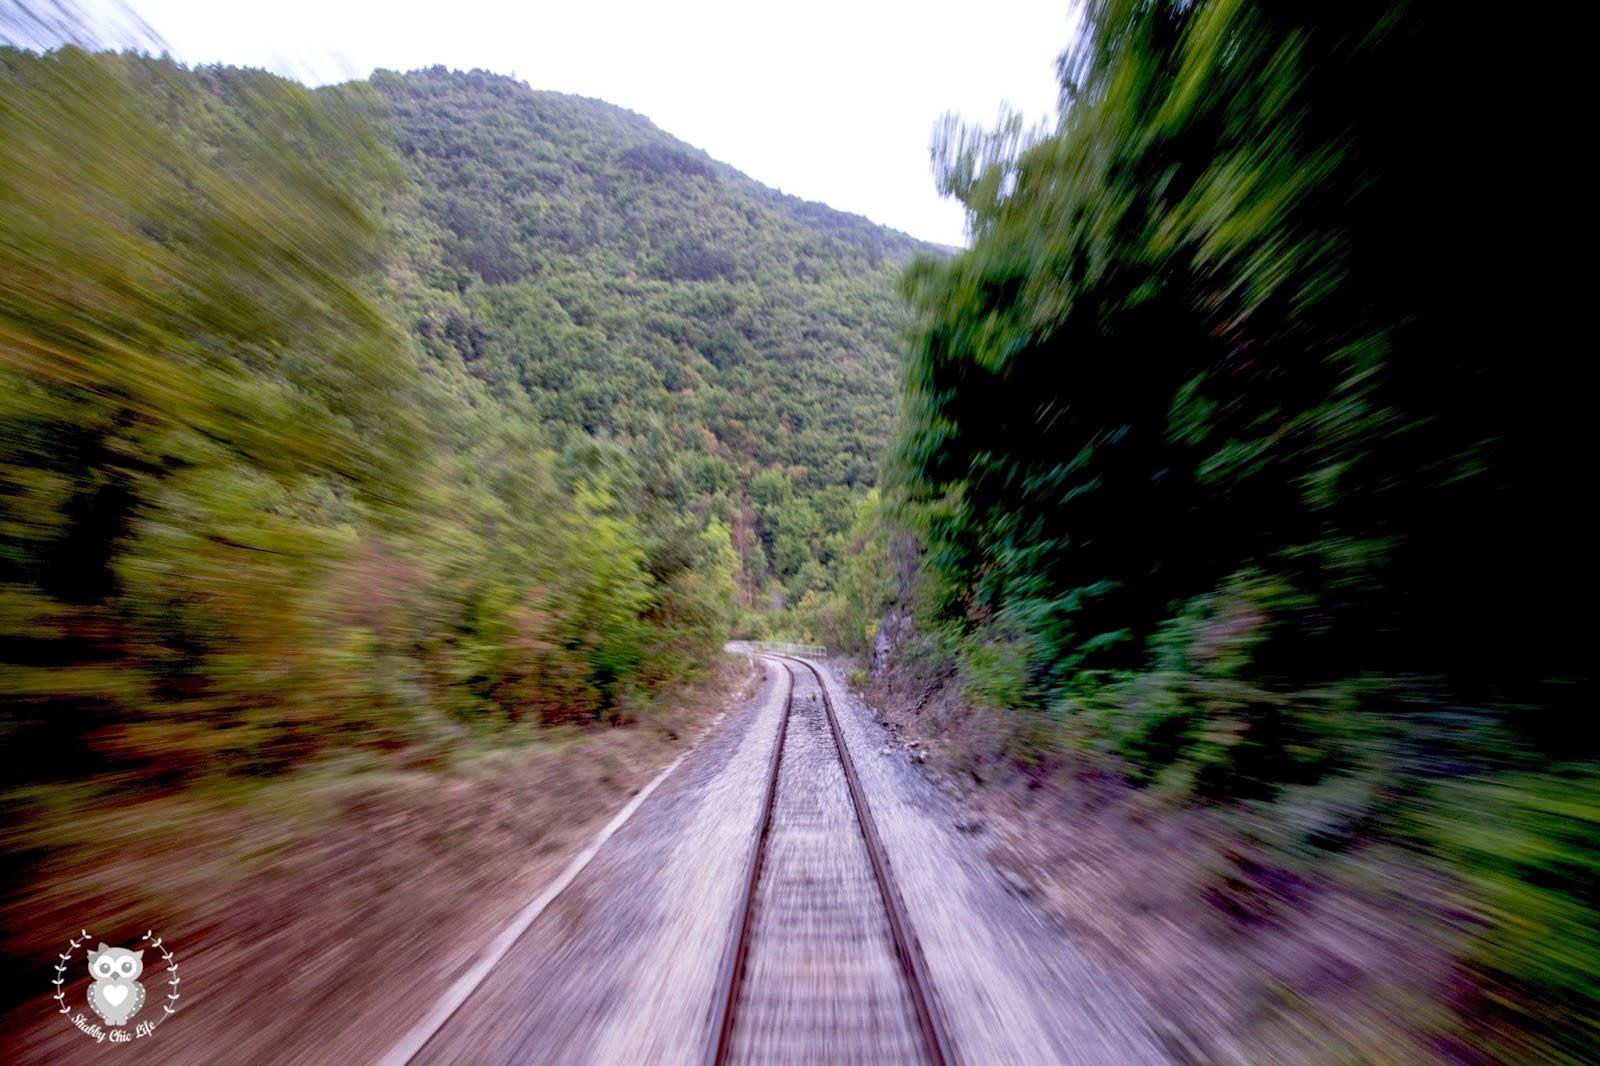 abruzzoinstarail, roadtoexpo2015, parco nazionale della majella, transiberiana d'italia